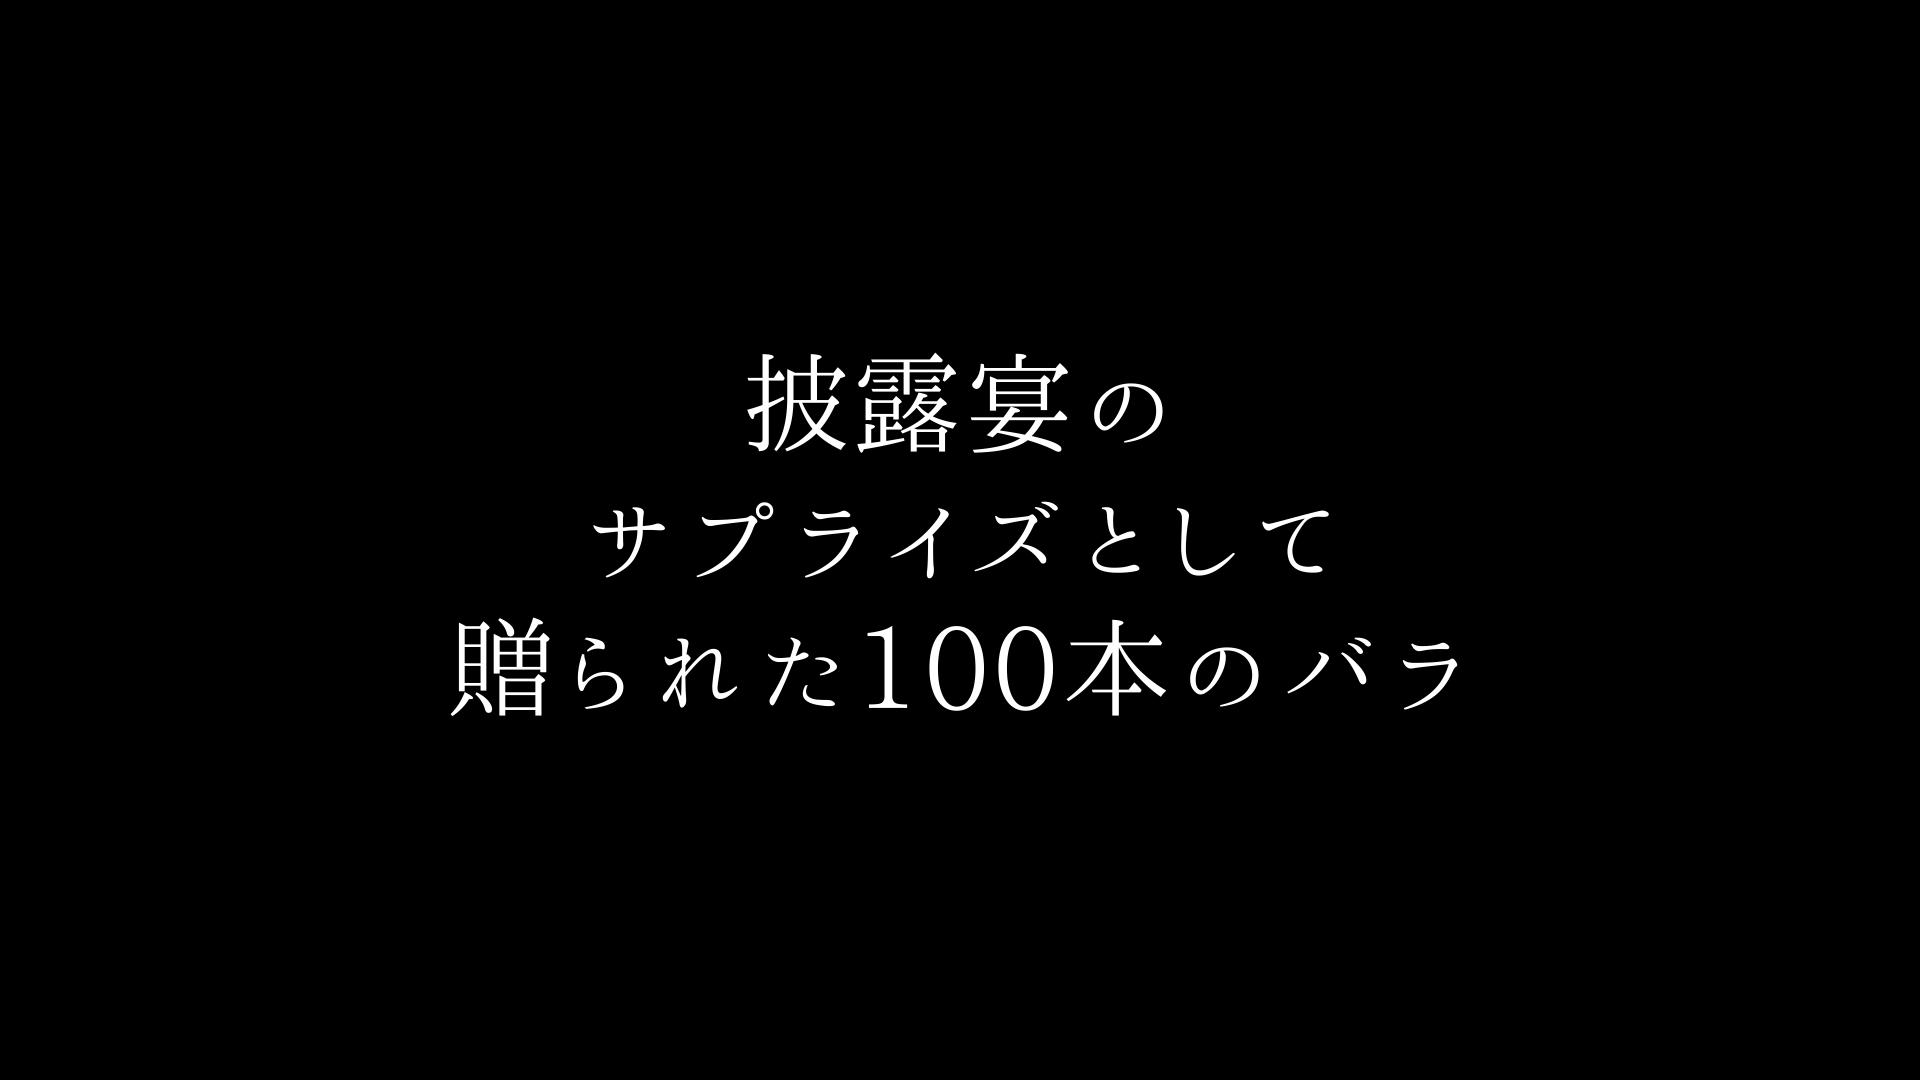 披露宴サプライズに・最高級バラ100本の花束制作動画2020.11.21撮影